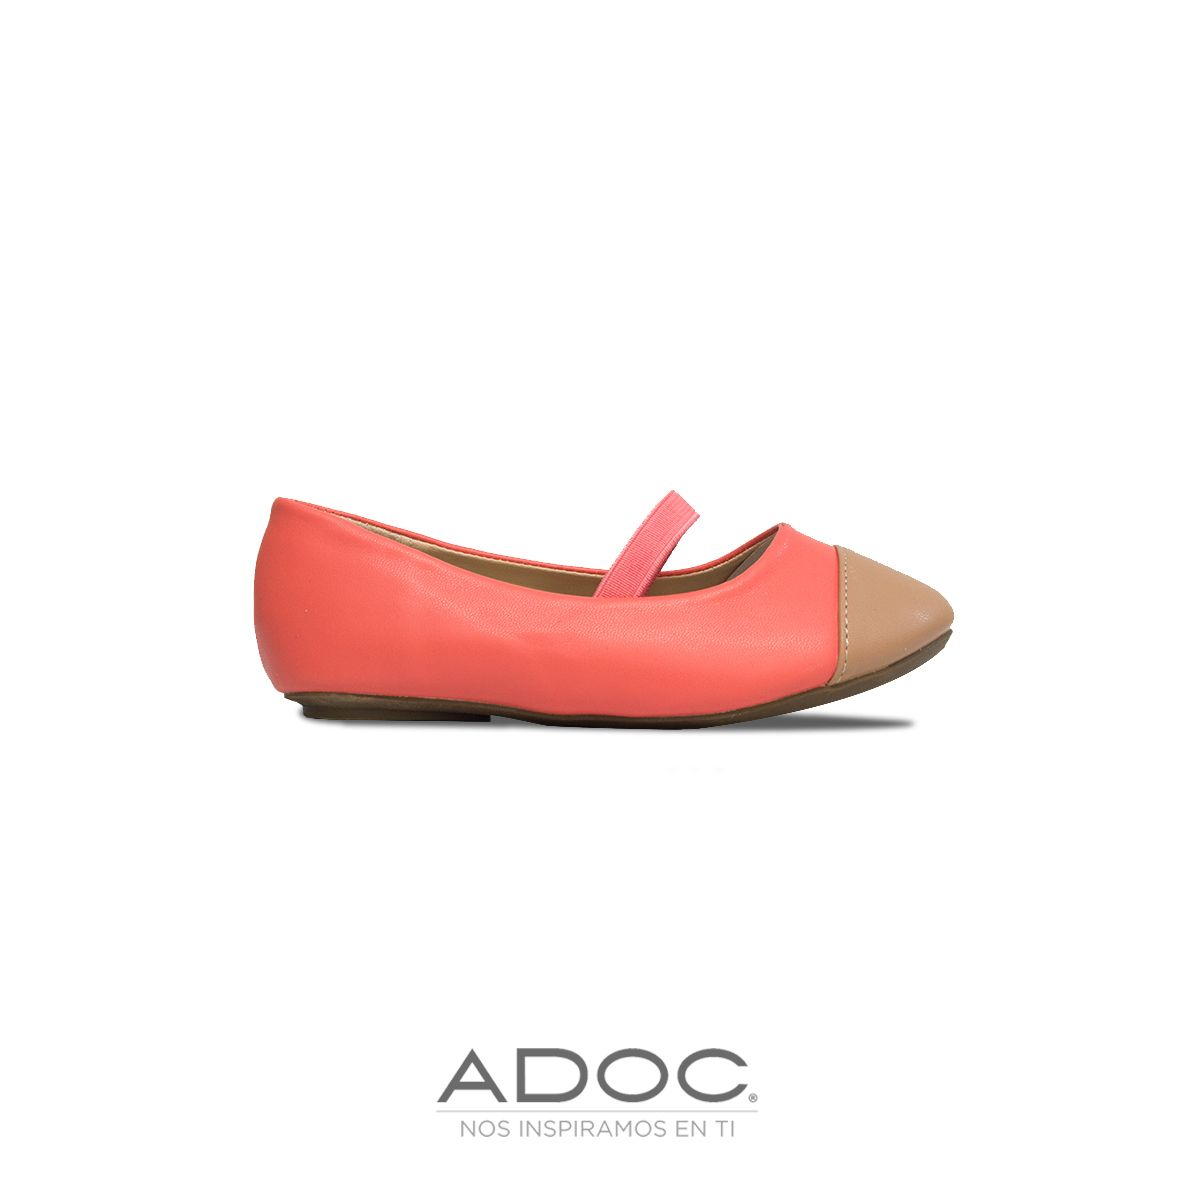 Zapatos Maryi de ADOC disponibles en color beige y caramel